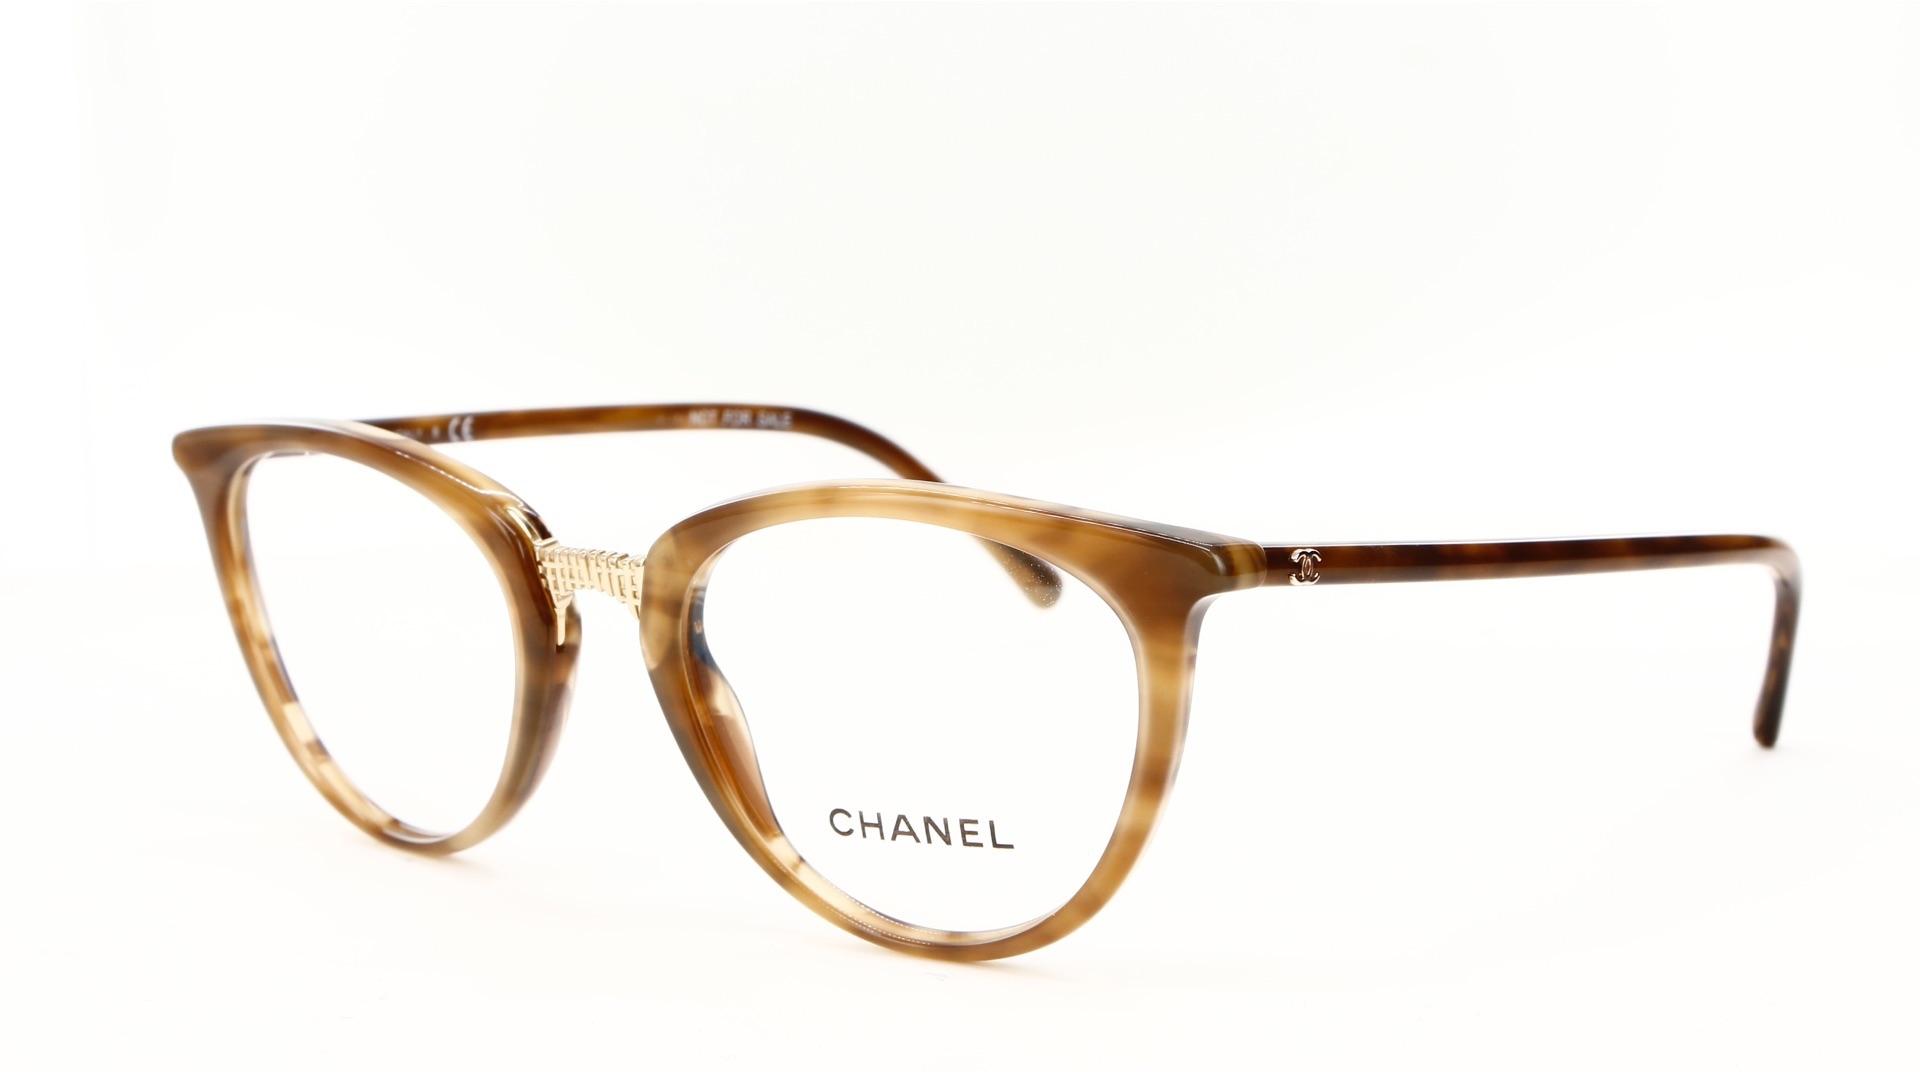 Chanel - ref: 79241